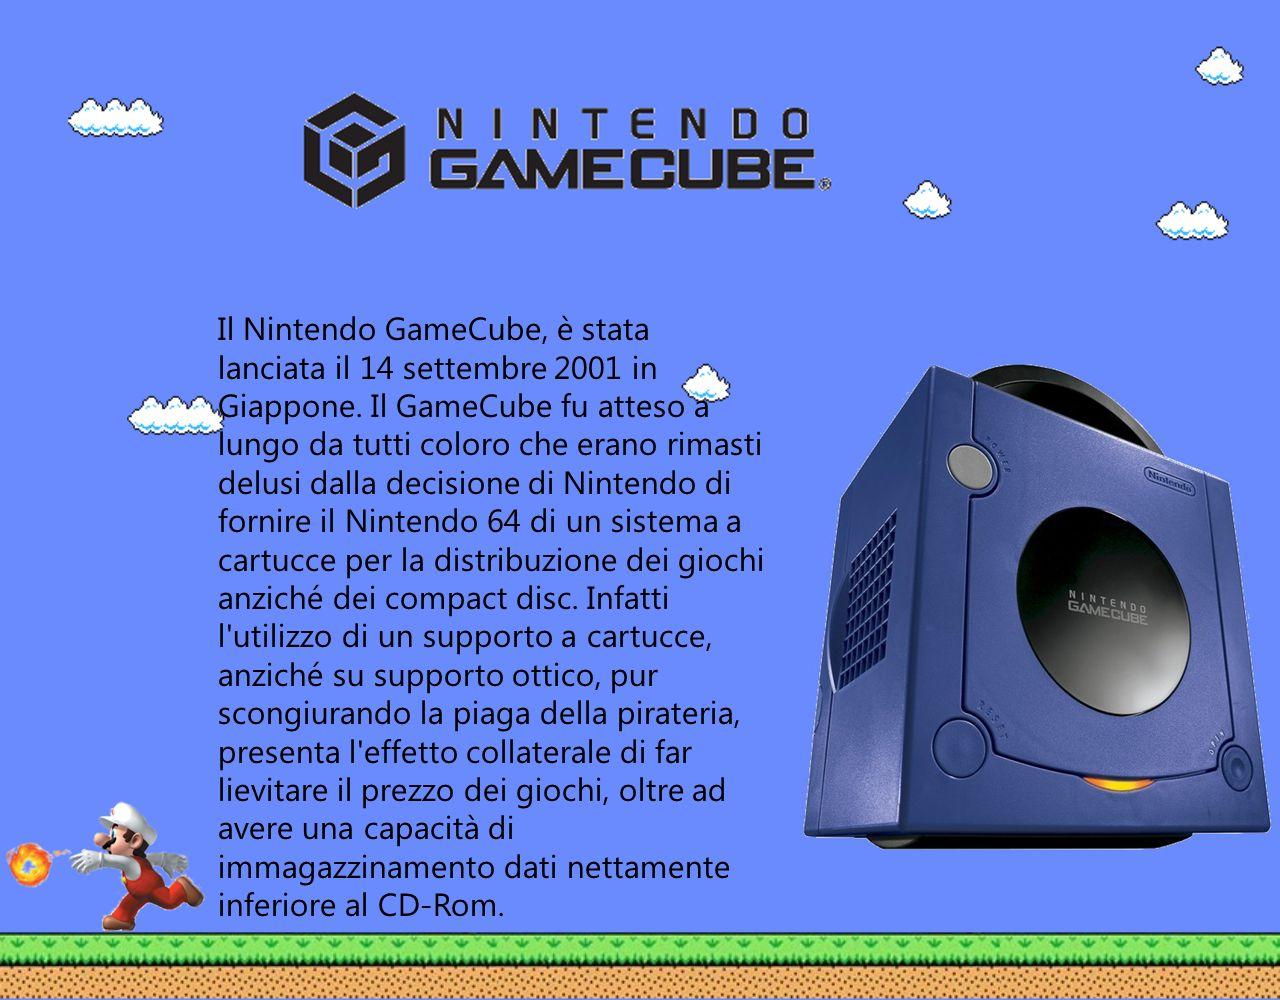 Il Nintendo GameCube, è stata lanciata il 14 settembre 2001 in Giappone. Il GameCube fu atteso a lungo da tutti coloro che erano rimasti delusi dalla